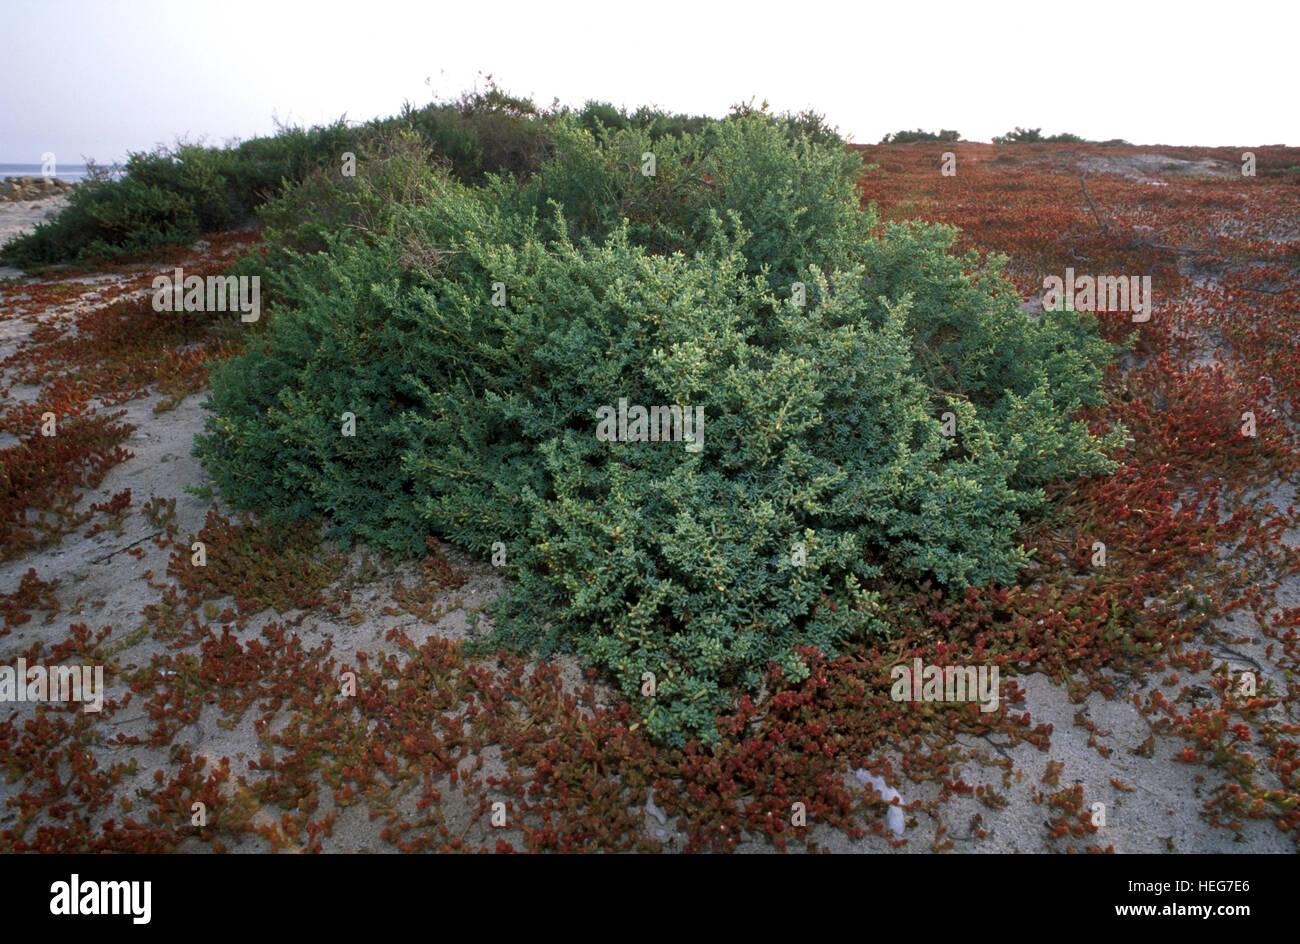 Coastal vegetation at Kubbar Island. Probably Haloxylon salicornicum. Kuwait - Stock Image